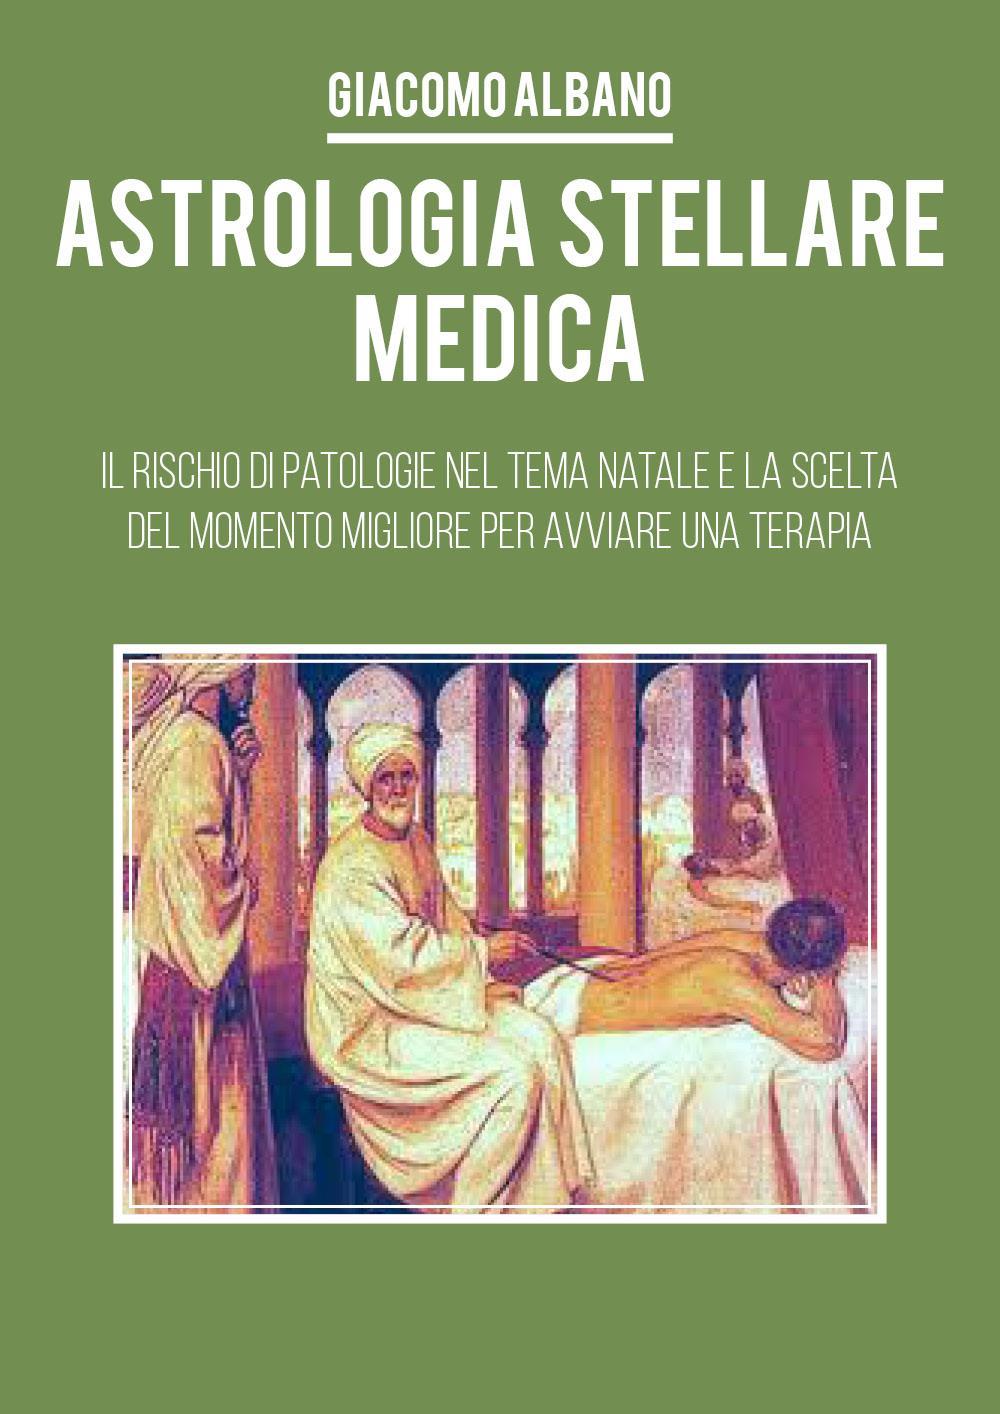 Astrologia Stellare Medica. Il rischio di patologie nel tema Natale e la scelta del momento migliore per avviare una terapia